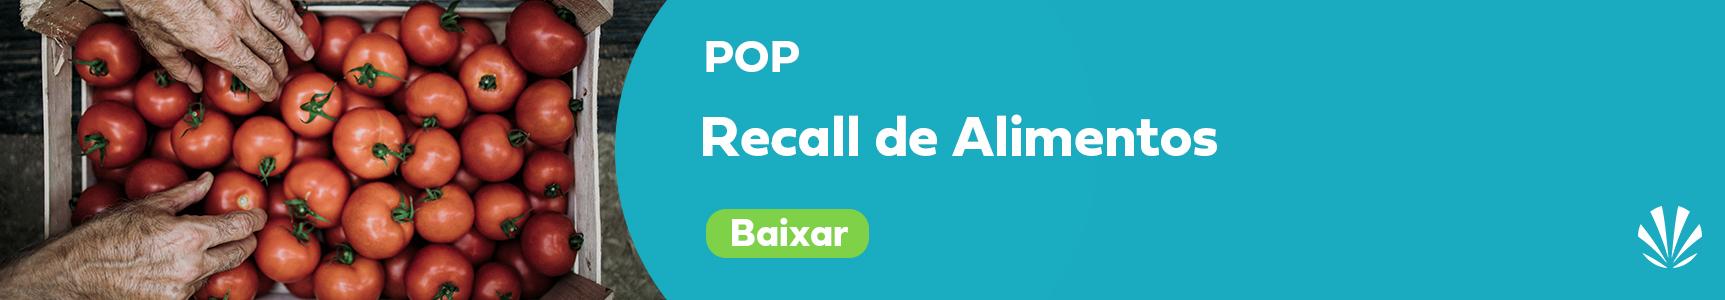 POP Recall de Alimentos-1